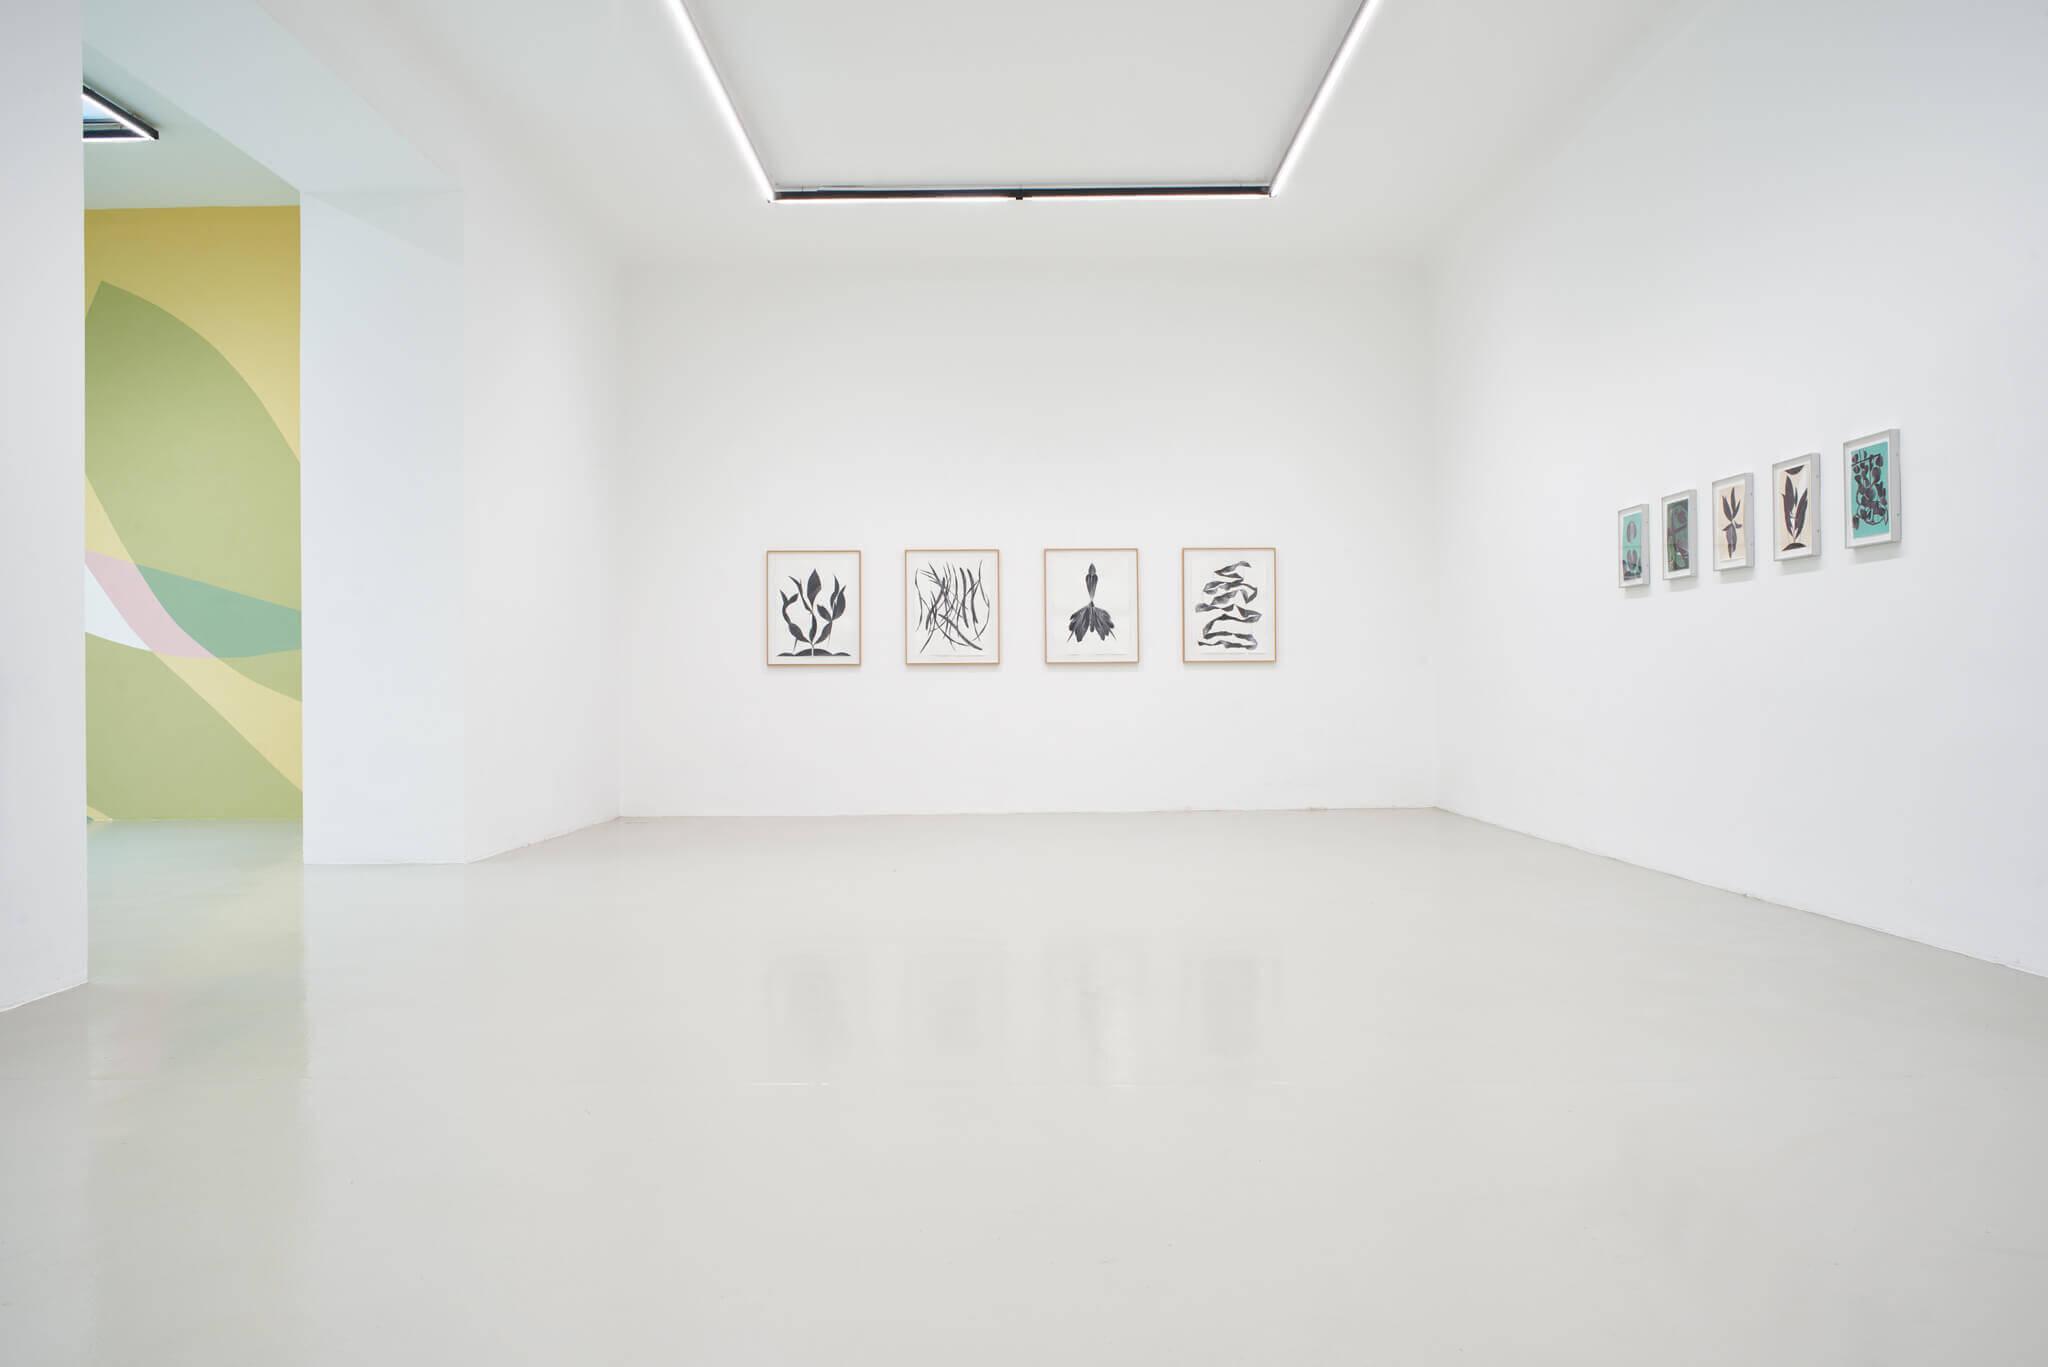 04_Frauke Dannert_Collage_Ausstellung_Folie_Galerie Lisa Kandlhofer_Wien_2018